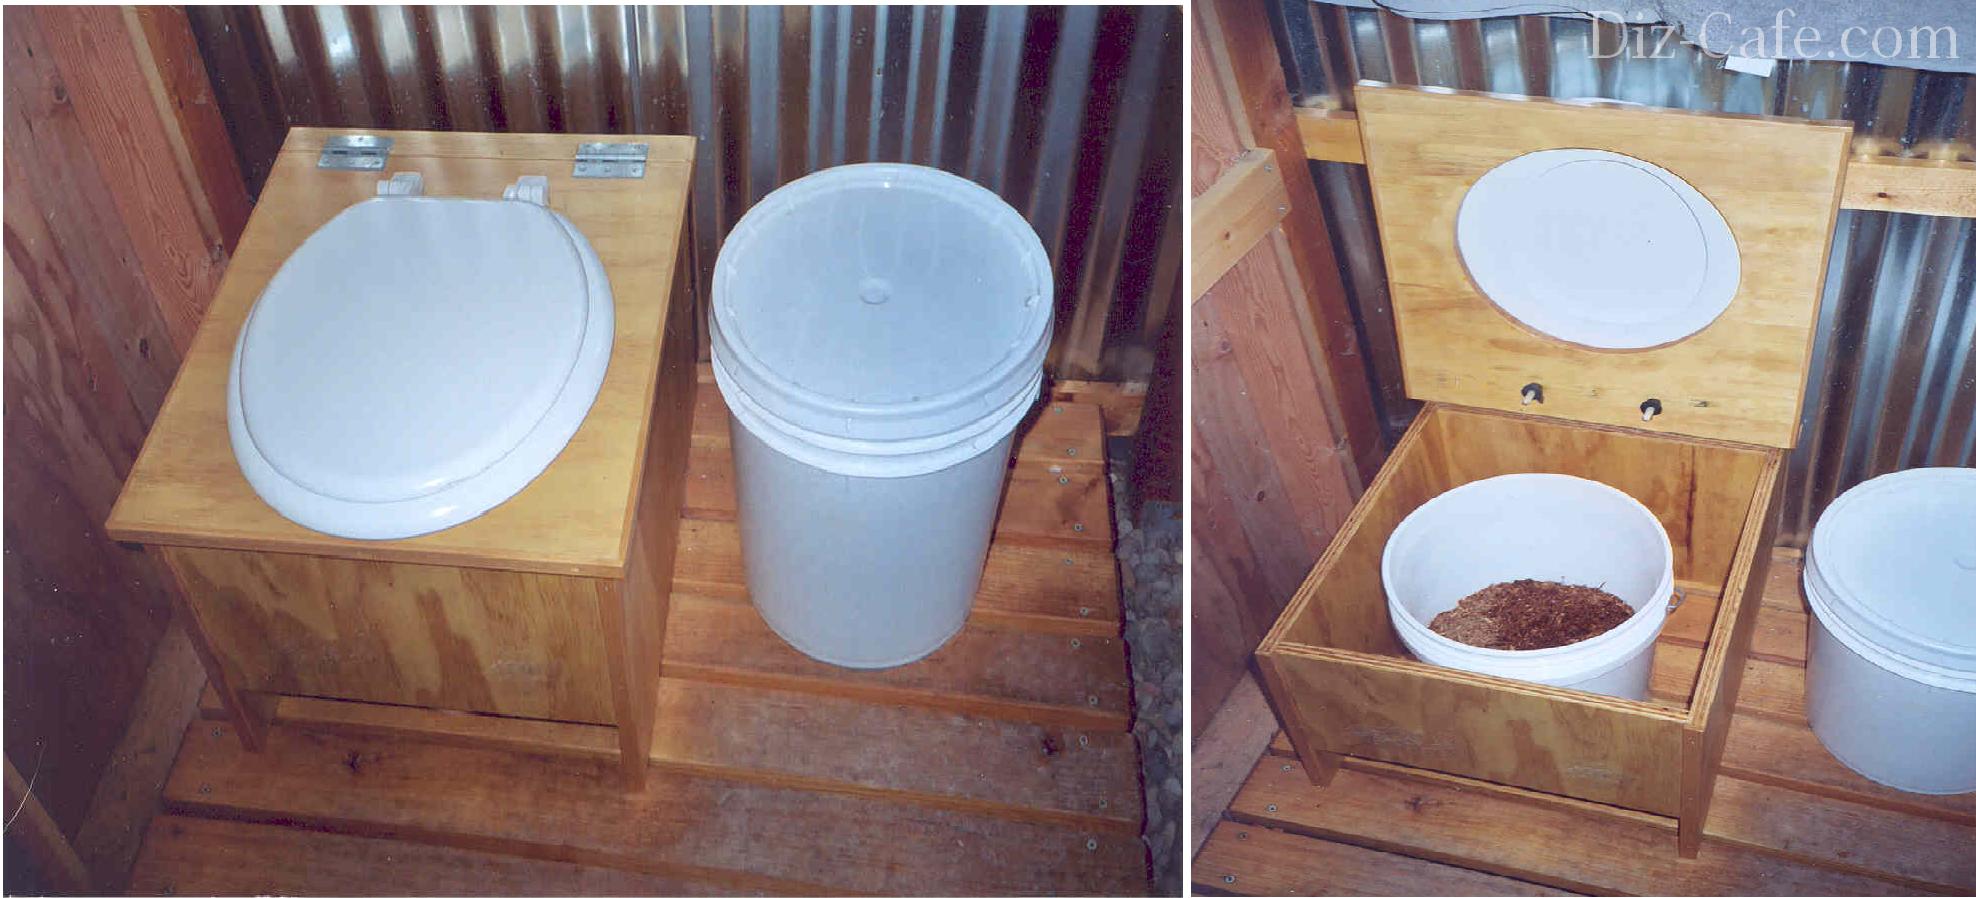 Как сделать стульчак для дачного туалета